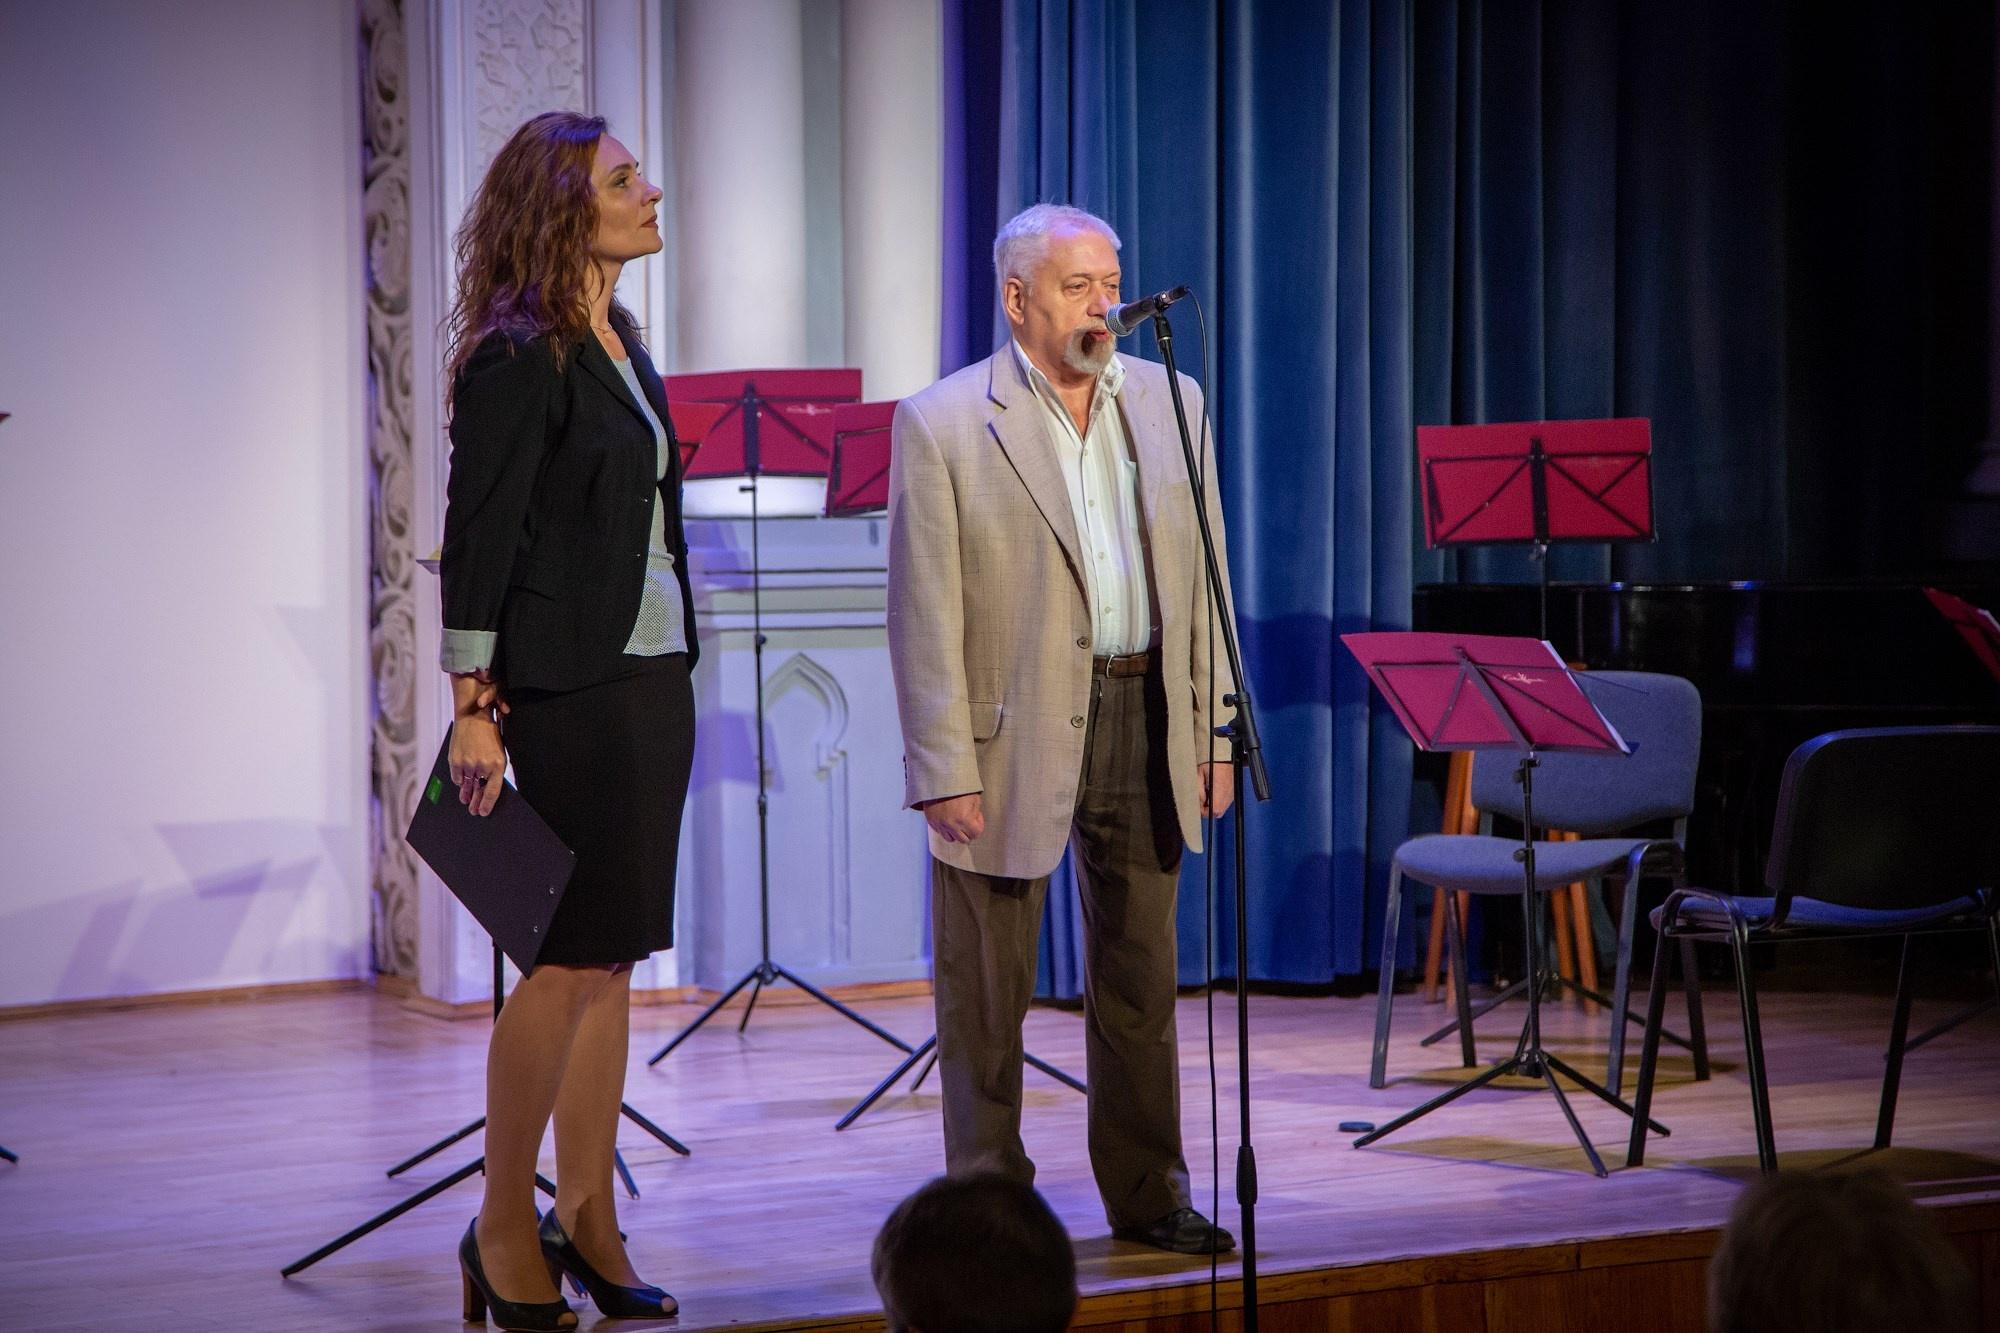 Семен Глузман поделился своими воспоминаниями о Светличном. Фото: Алексей Плиско / Facebook